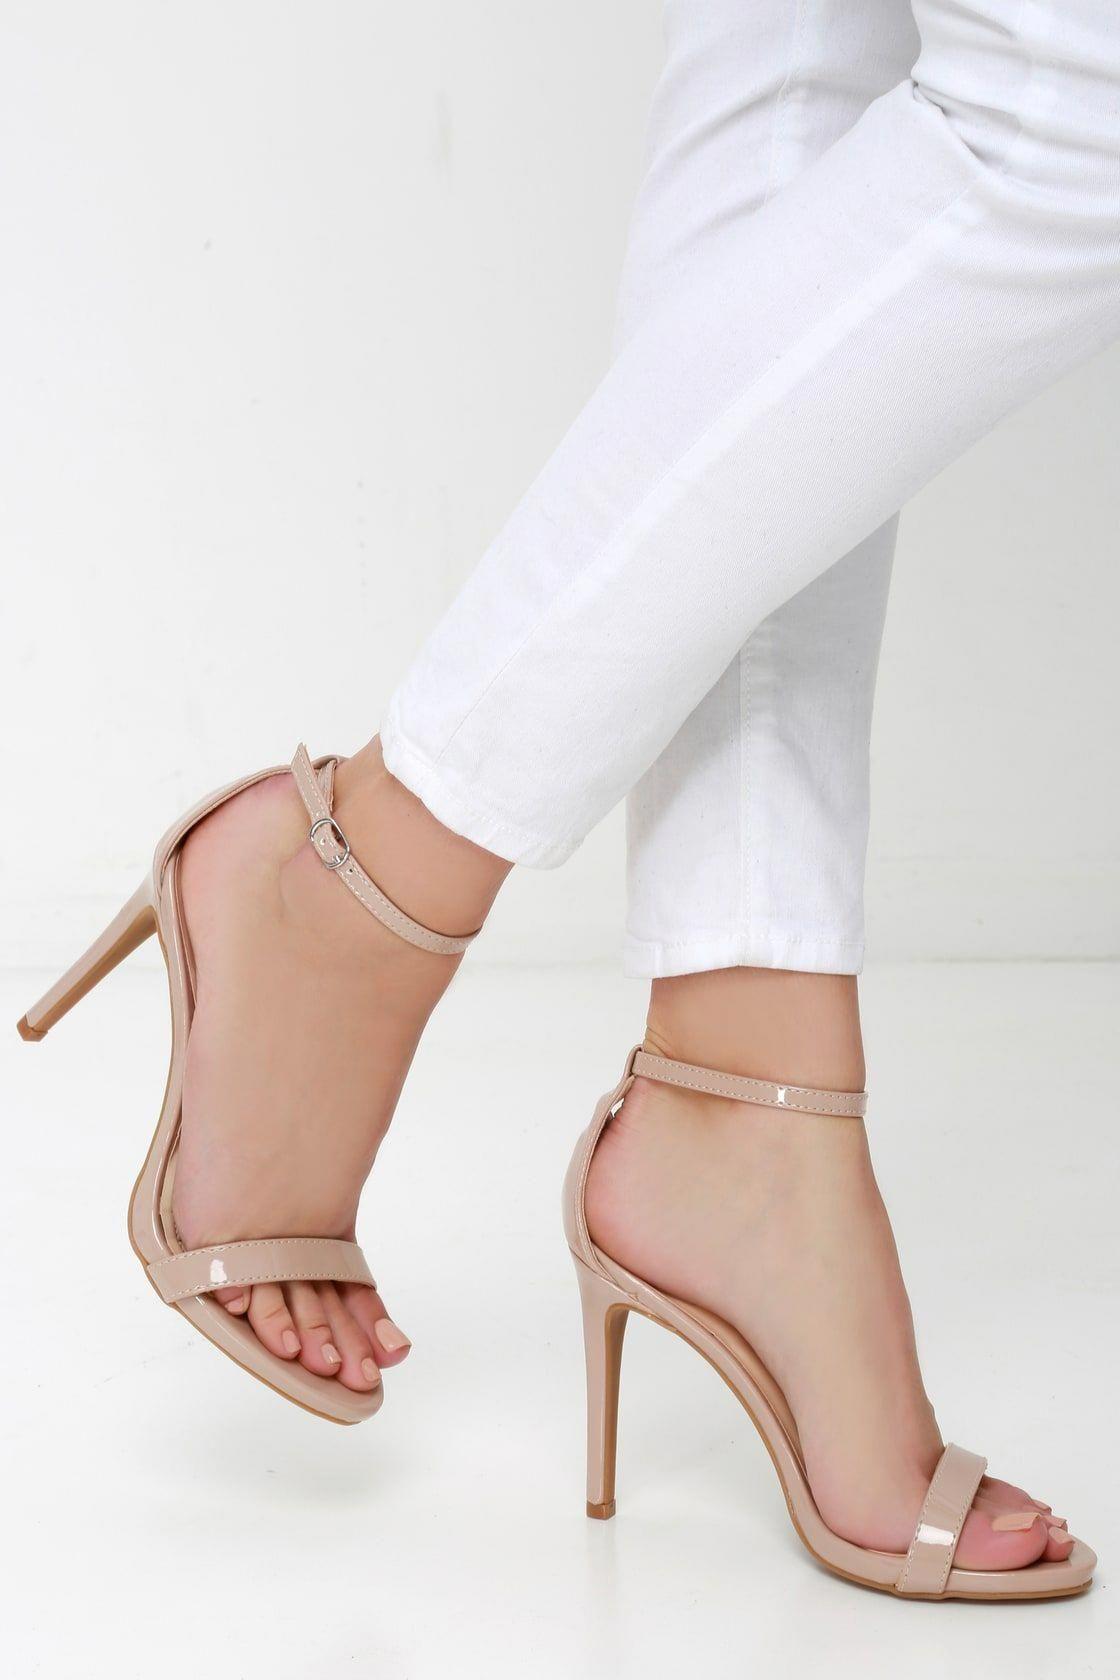 Ecco Women S Shoes Review #ReviewWomenSCyclingShoes Info